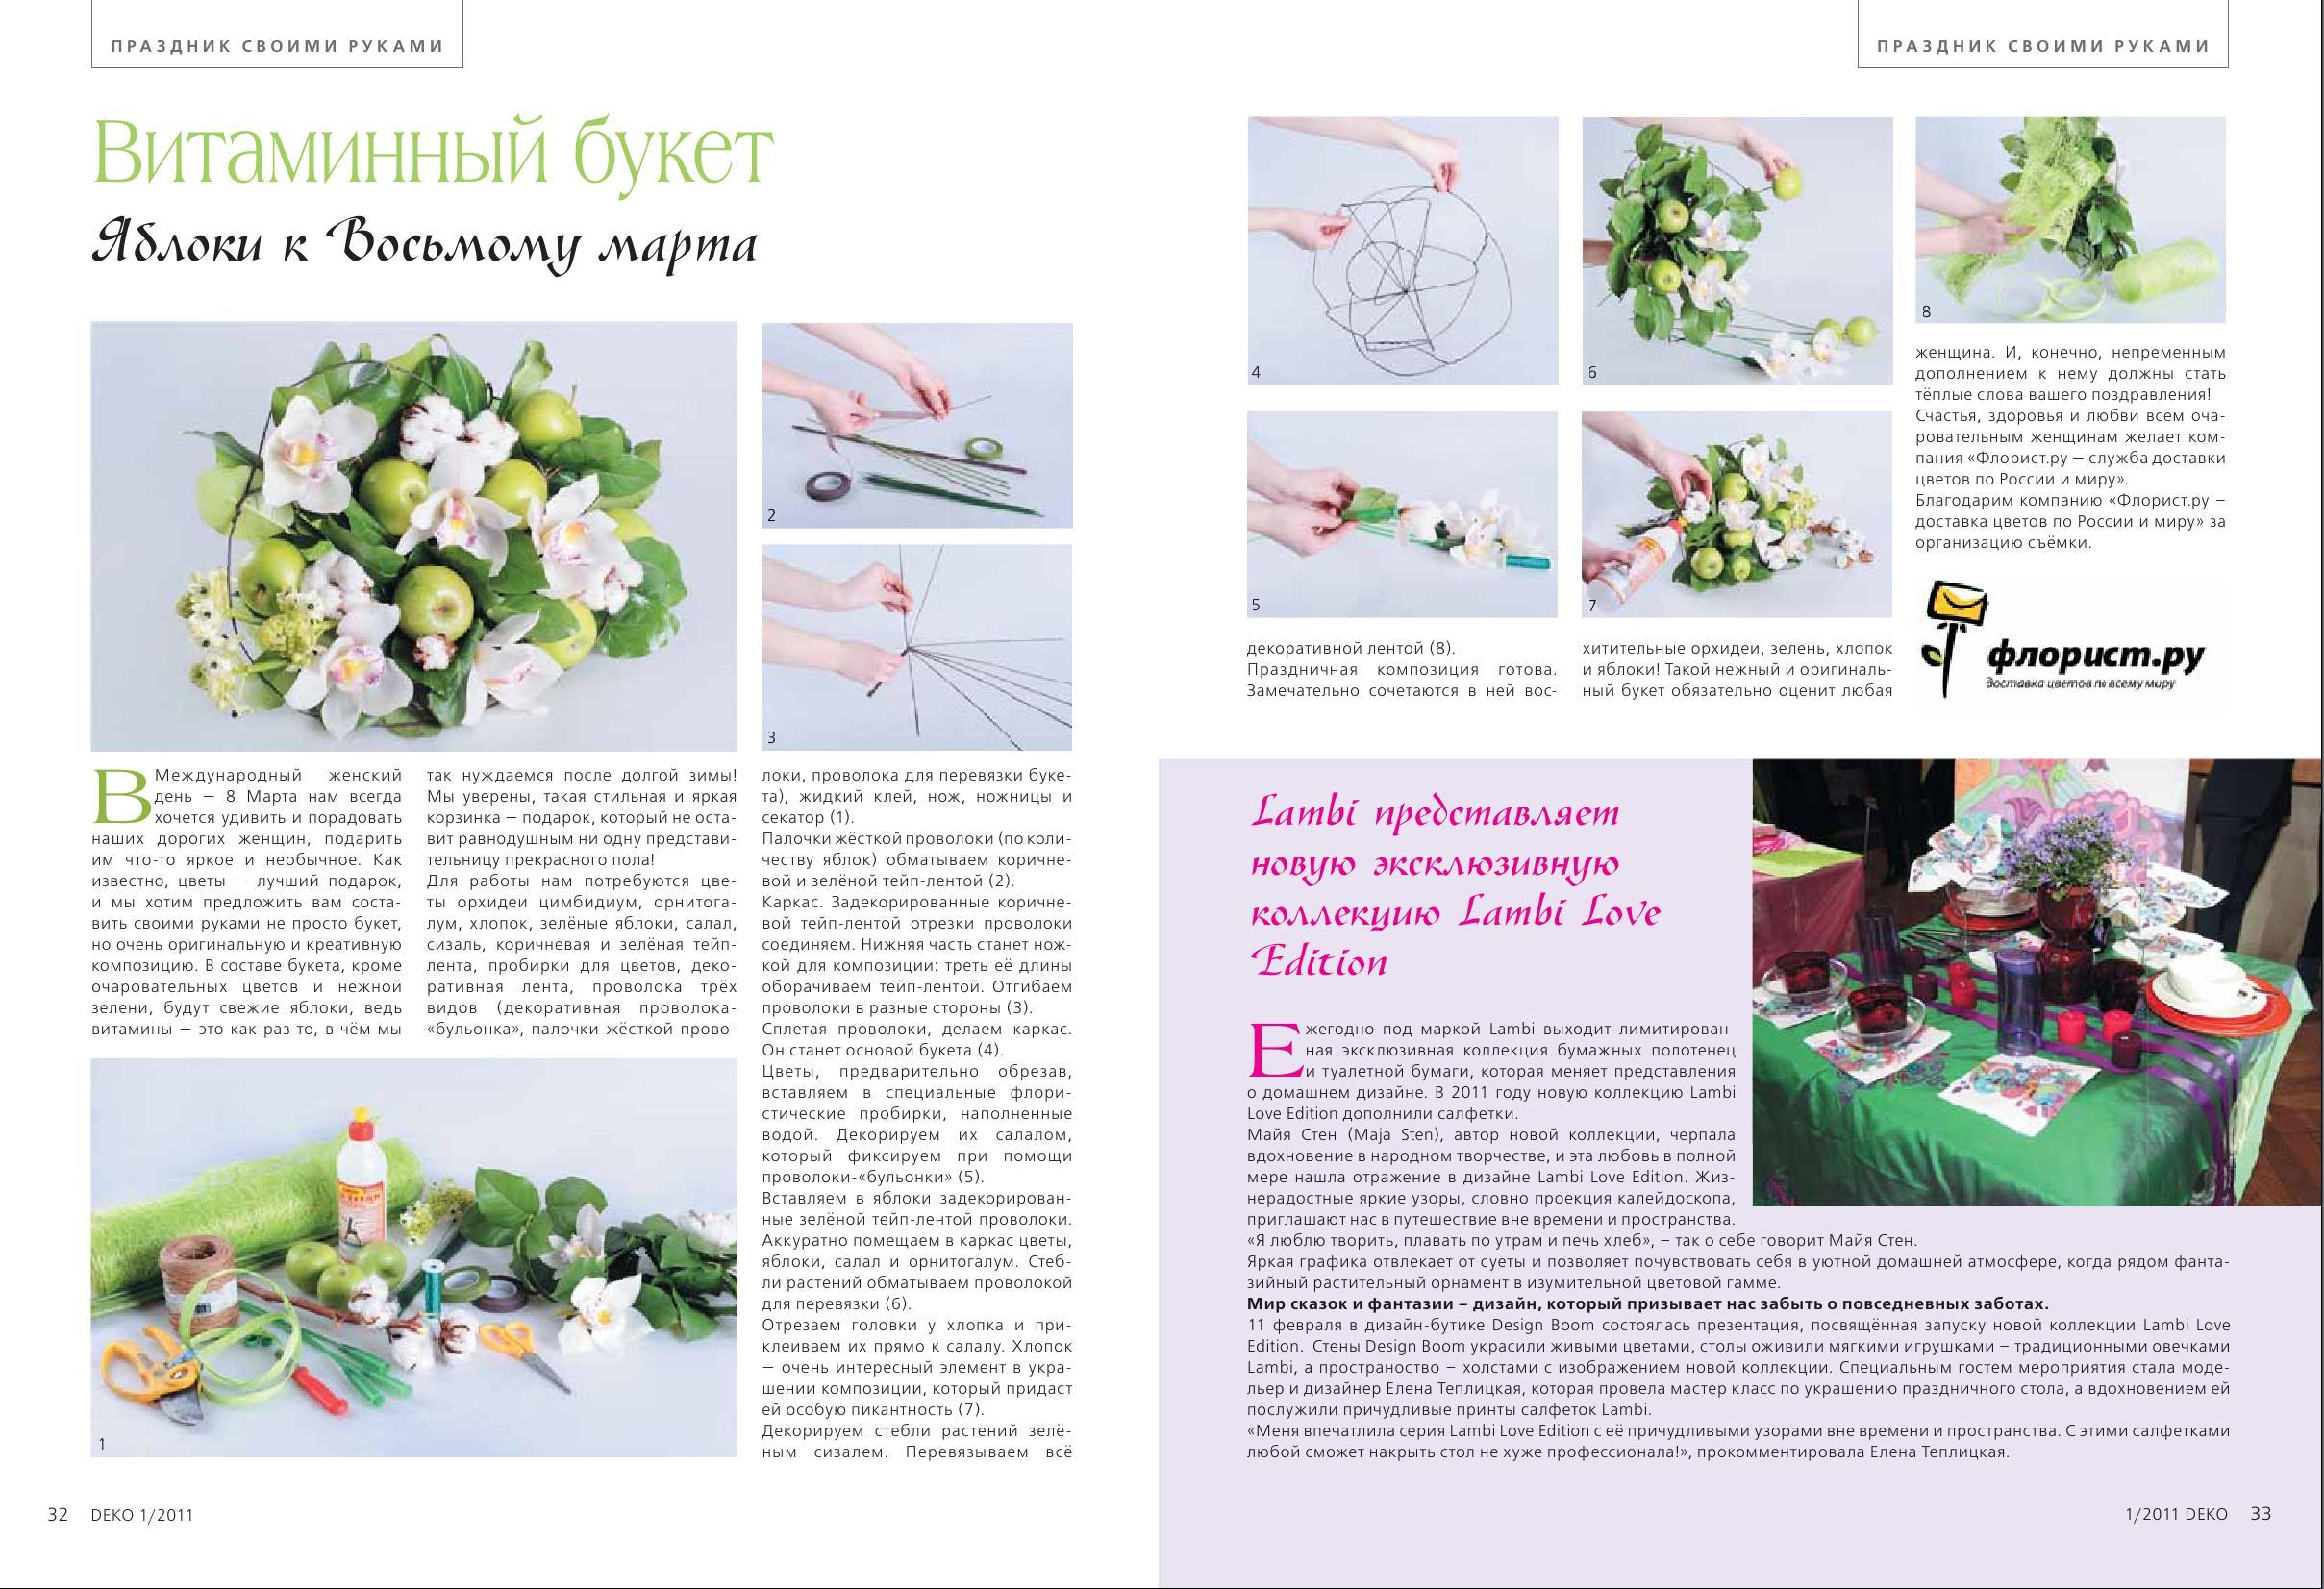 Публикация в женском журнале